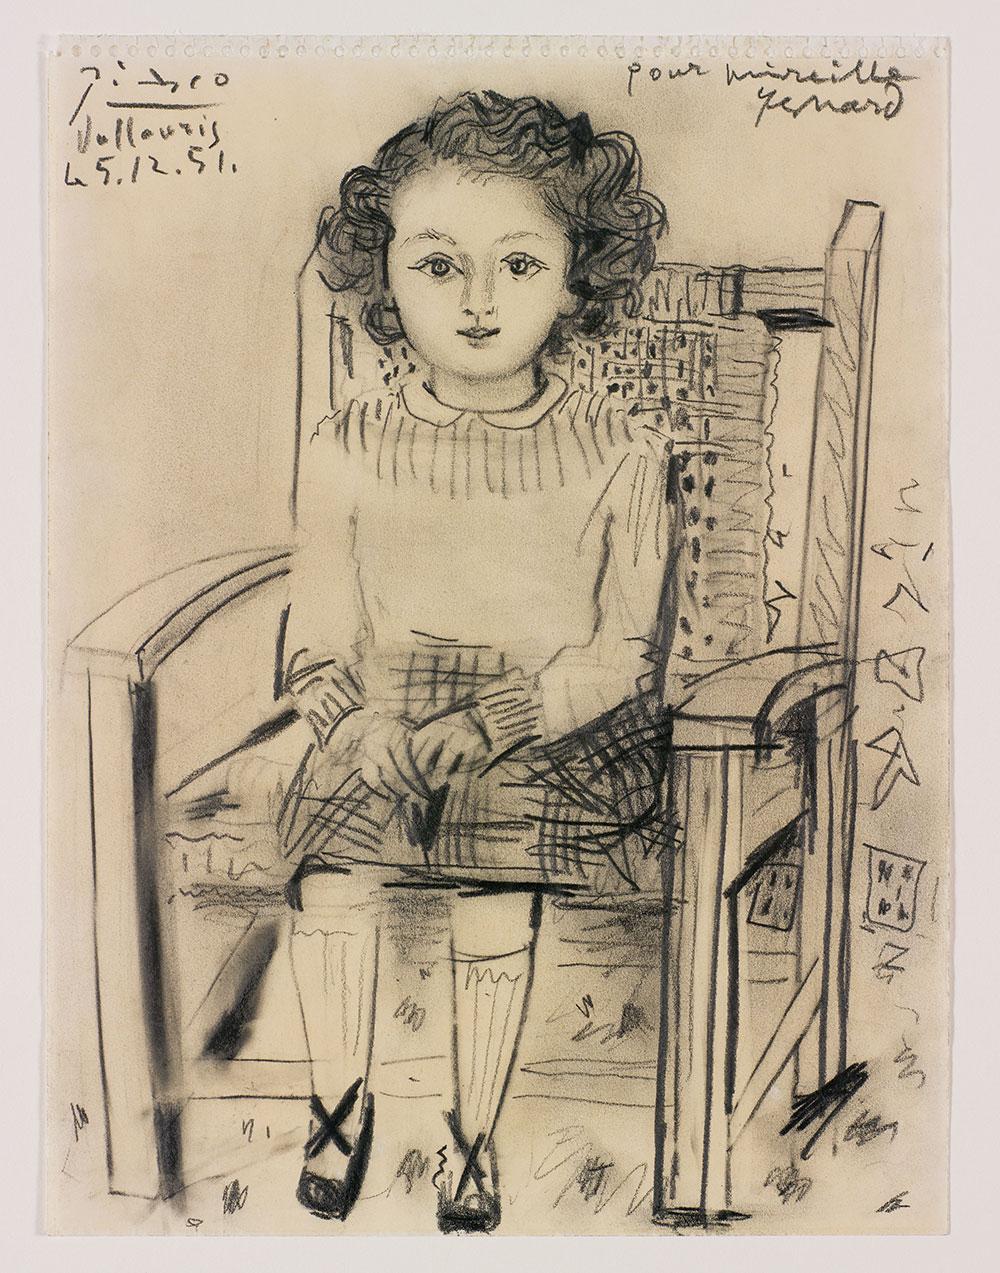 דיוקן מיריי, פבלו פיקאסו, 1951. צילום: אלעד שריג